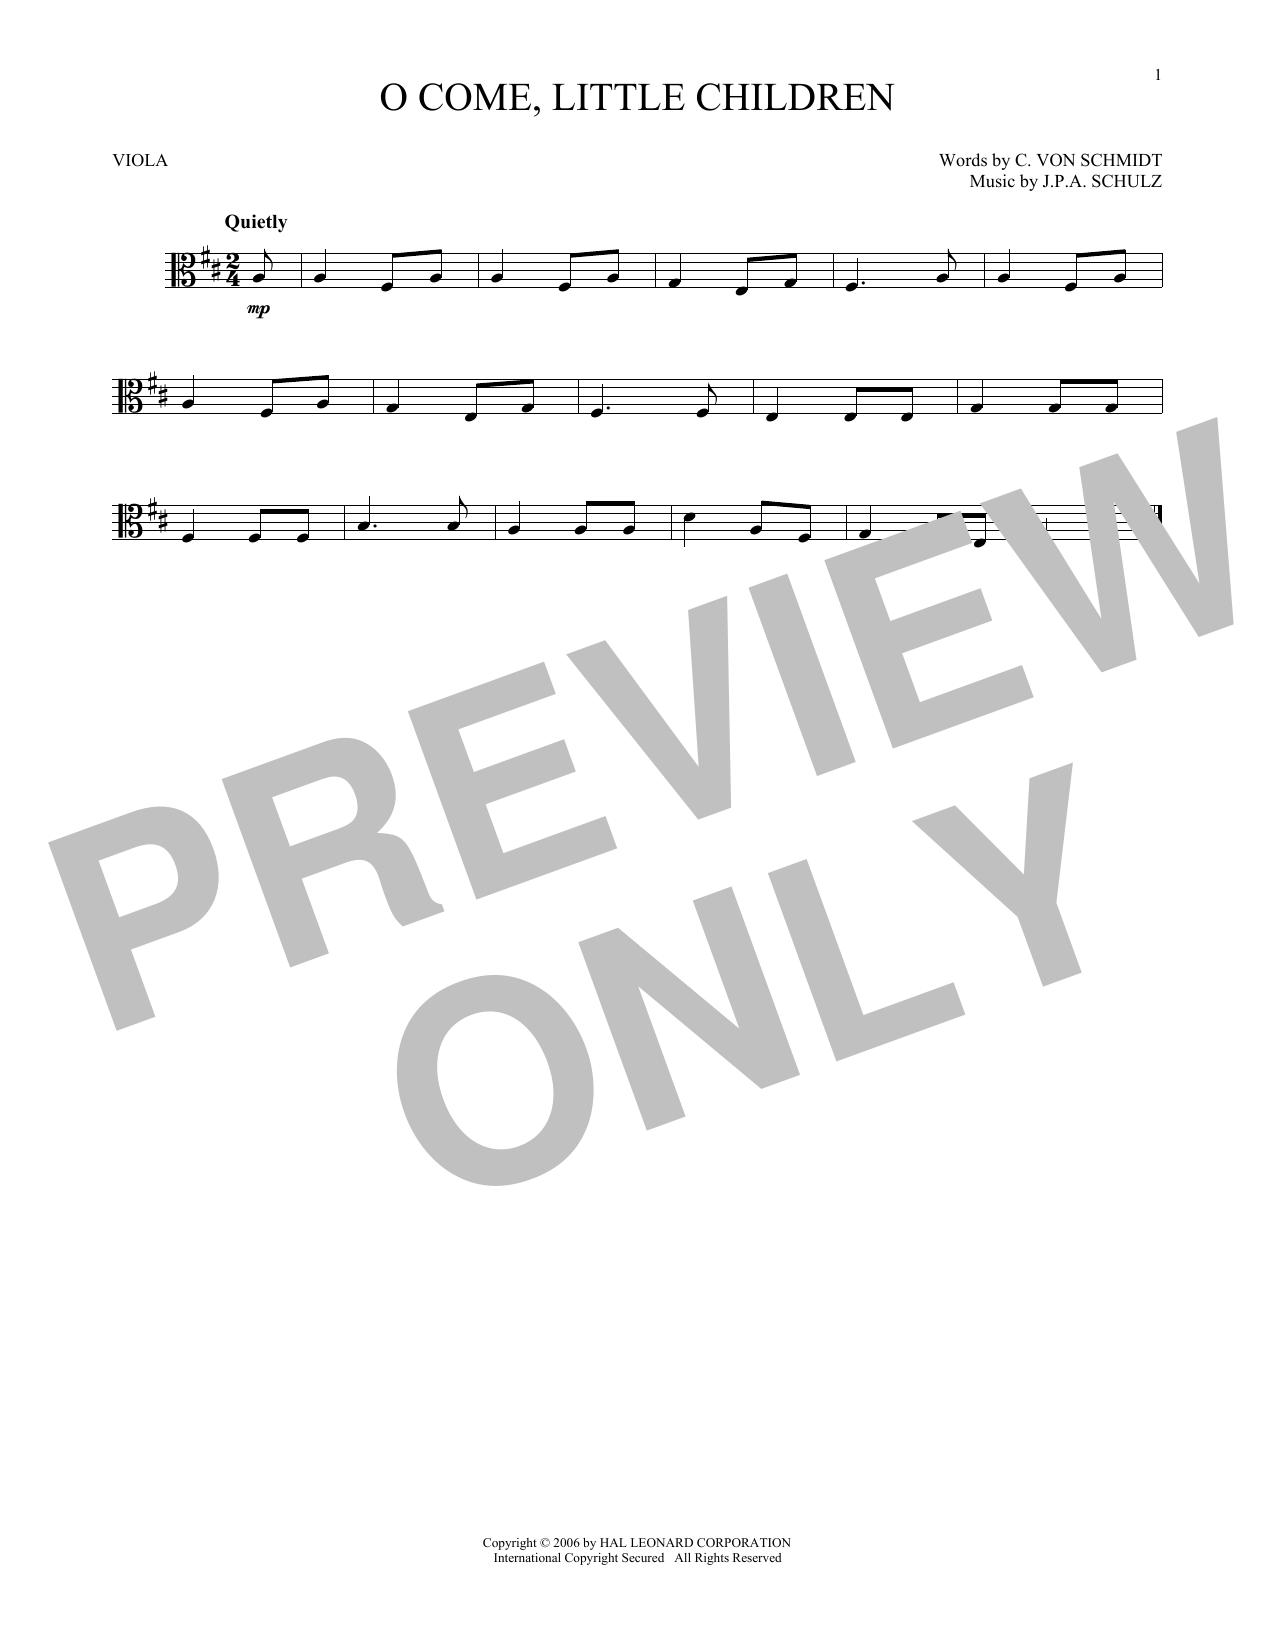 O Come, Little Children (Viola Solo)